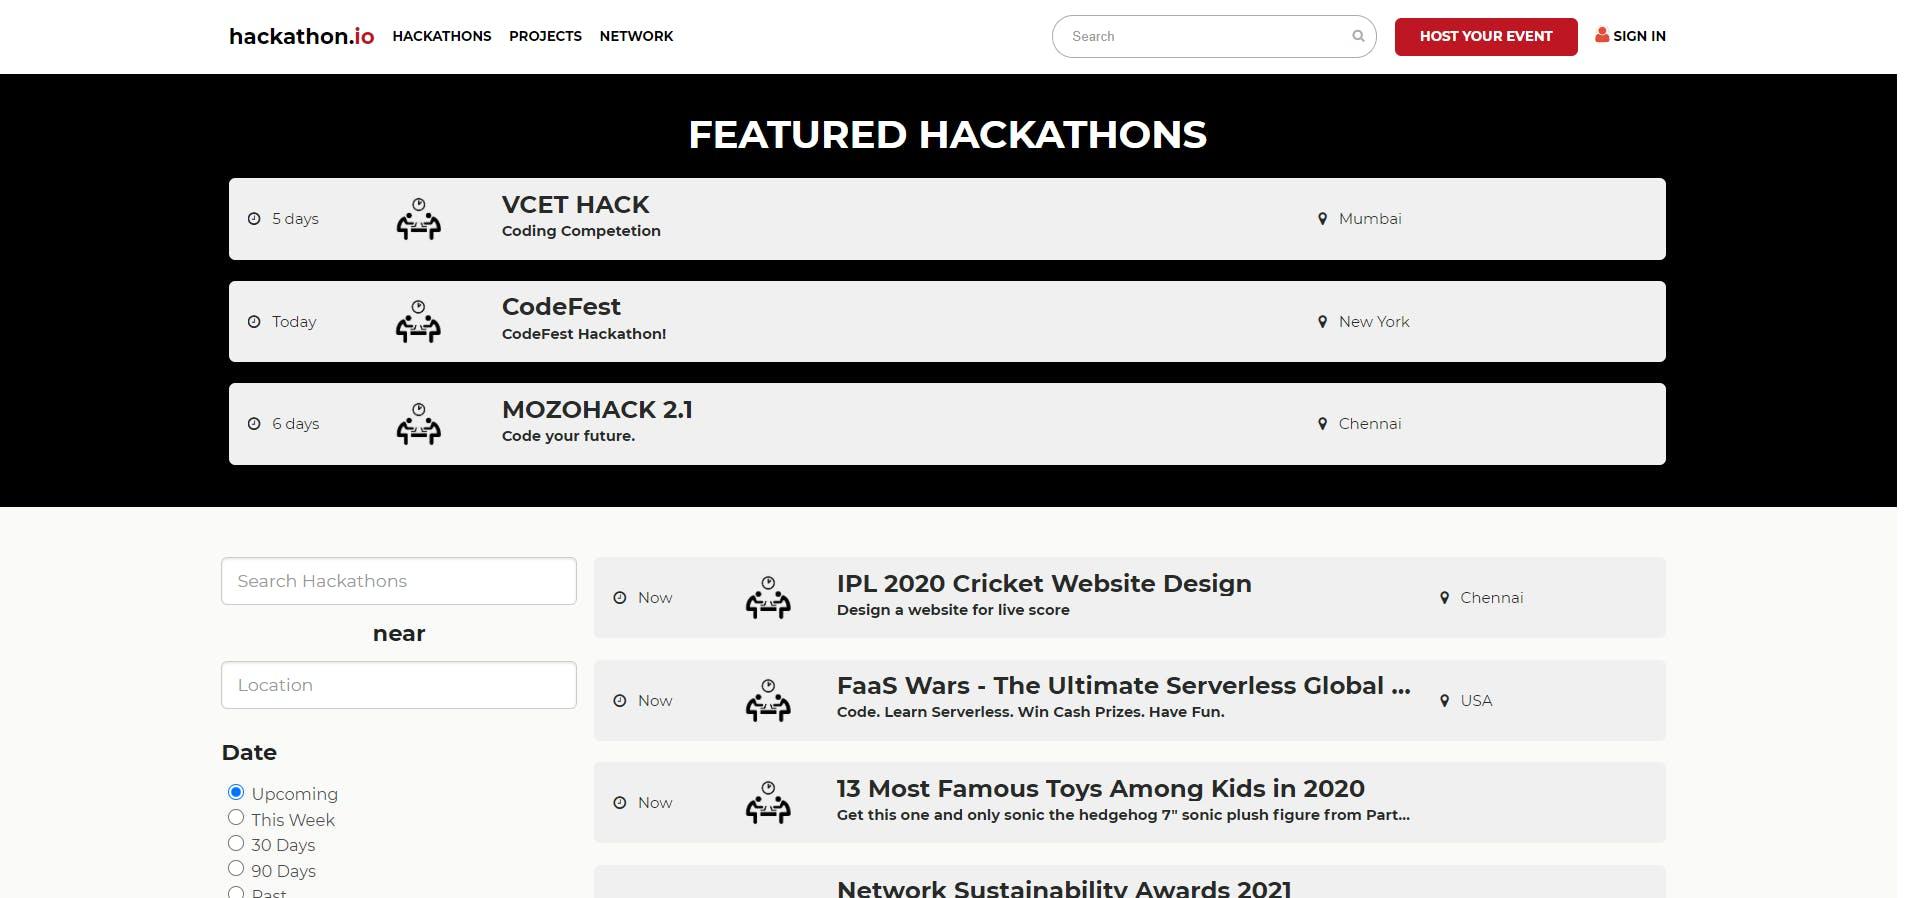 hackathonio.png